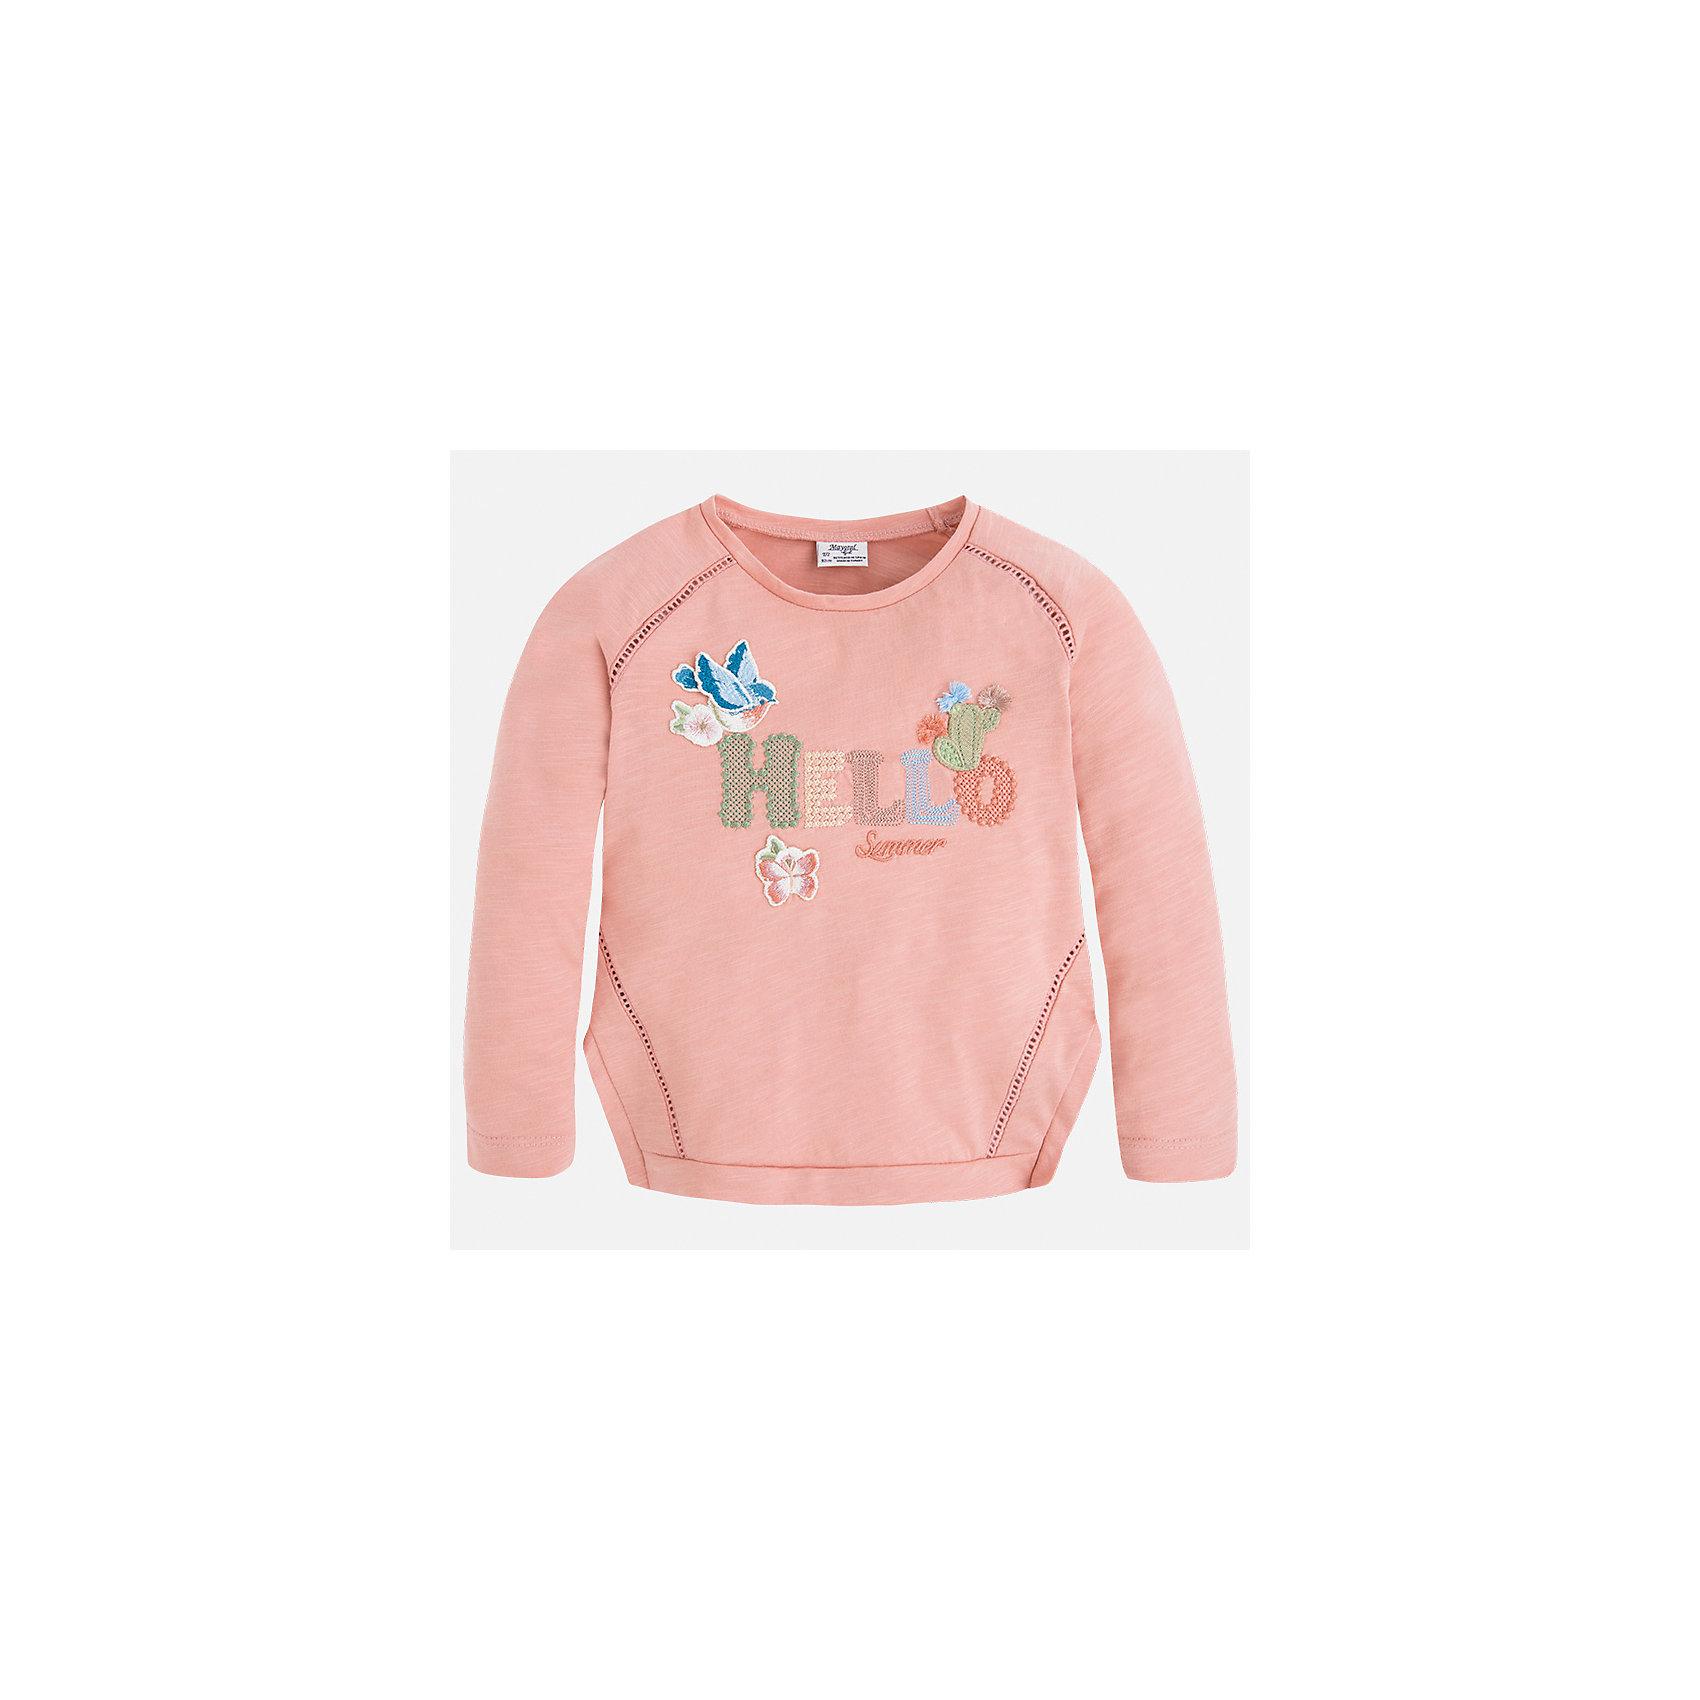 Футболка с длинным рукавом для девочки MayoralФутболки с длинным рукавом<br>Характеристики товара:<br><br>• цвет: розовый<br>• состав: 100% хлопок<br>• плотный материал<br>• декорирована вышивкой<br>• длинные рукава<br>• округлый горловой вырез<br>• страна бренда: Испания<br><br>Модная качественная футболка для девочки поможет разнообразить гардероб ребенка и украсить наряд. Она отлично сочетается и с юбками, и с брюками. Универсальный цвет позволяет подобрать к вещи низ практически любой расцветки. Интересная отделка модели делает её нарядной и оригинальной. В составе материала - только натуральный хлопок, гипоаллергенный, приятный на ощупь, дышащий.<br><br>Одежда, обувь и аксессуары от испанского бренда Mayoral полюбились детям и взрослым по всему миру. Модели этой марки - стильные и удобные. Для их производства используются только безопасные, качественные материалы и фурнитура. Порадуйте ребенка модными и красивыми вещами от Mayoral! <br><br>Футболку с длинным рукавом для девочки от испанского бренда Mayoral (Майорал) можно купить в нашем интернет-магазине.<br><br>Ширина мм: 230<br>Глубина мм: 40<br>Высота мм: 220<br>Вес г: 250<br>Цвет: розовый<br>Возраст от месяцев: 96<br>Возраст до месяцев: 108<br>Пол: Женский<br>Возраст: Детский<br>Размер: 134,92,98,104,110,116,122,128<br>SKU: 5300318